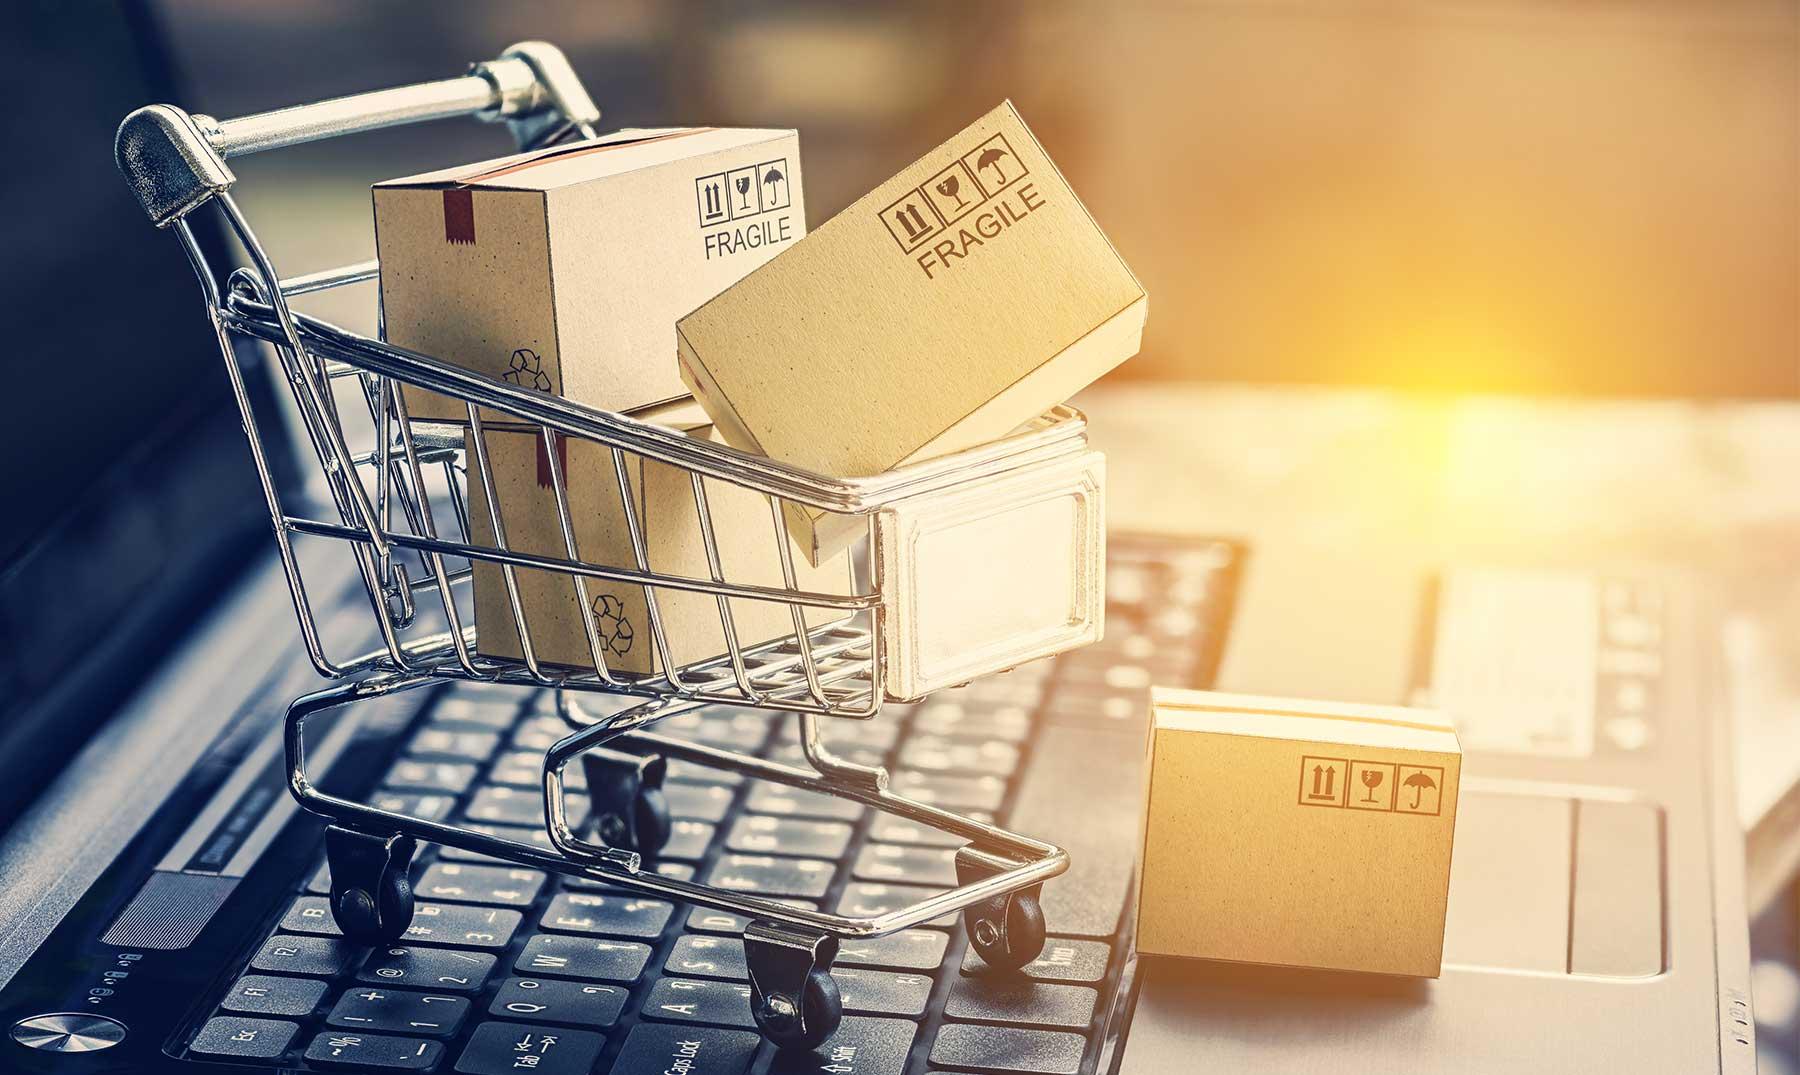 vender-productos-por-internet